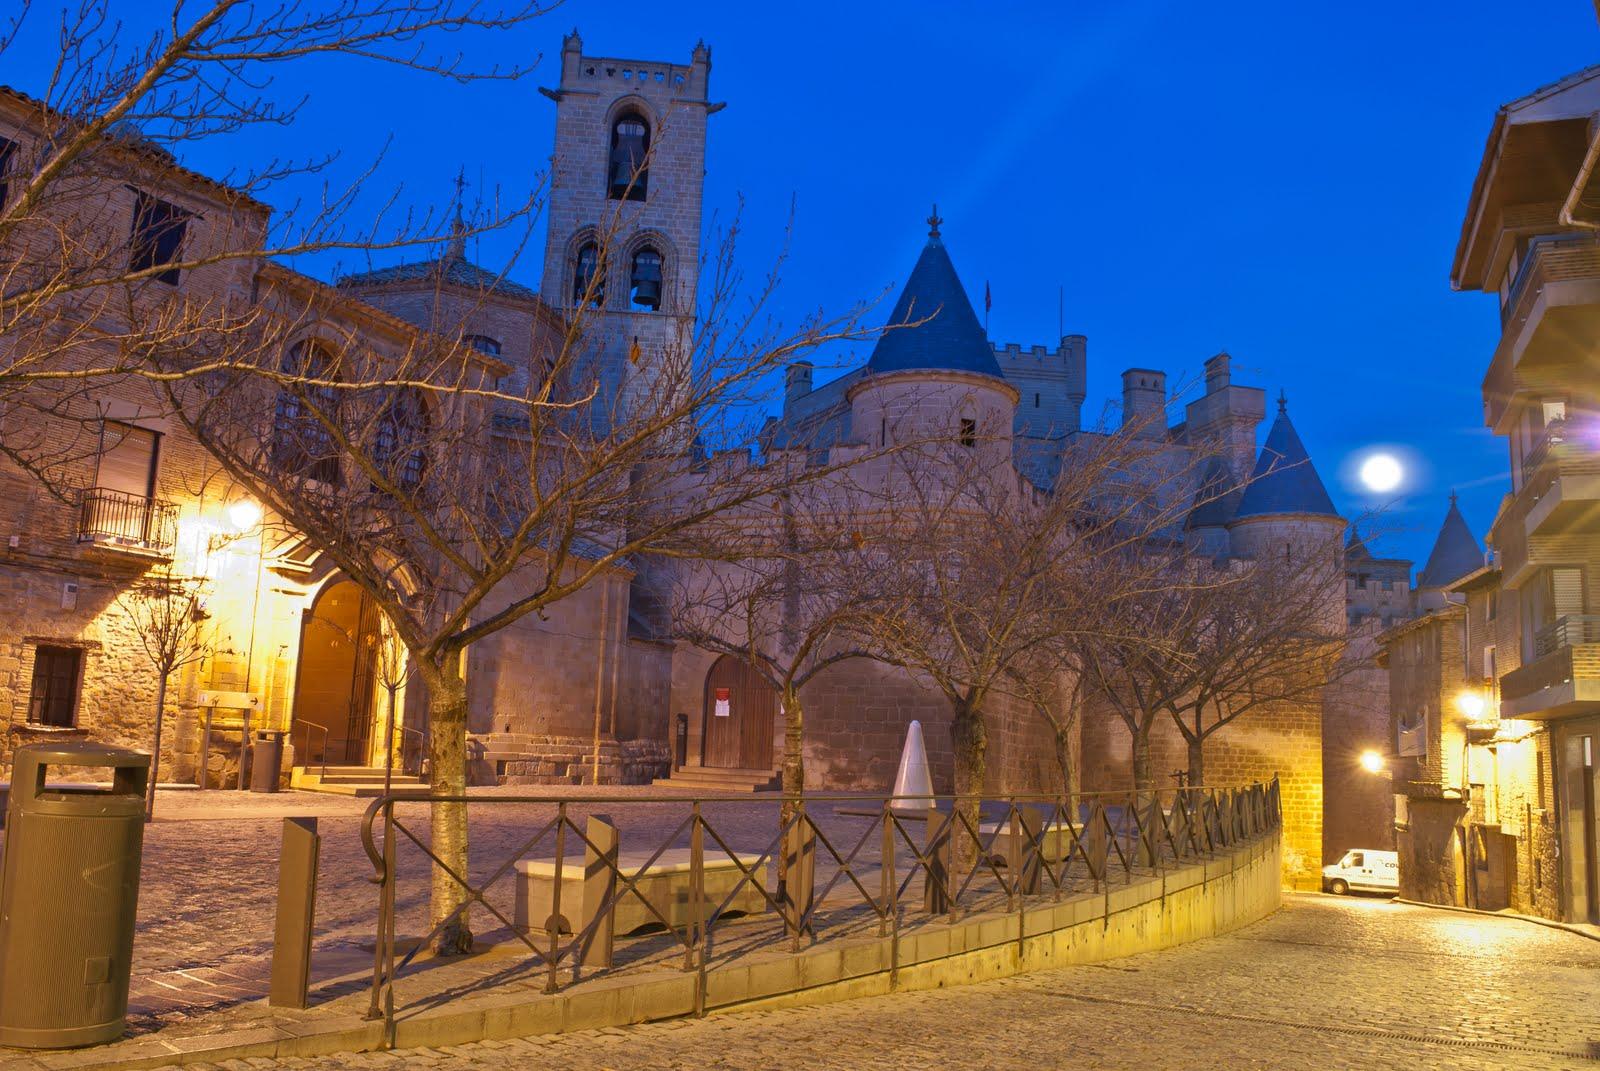 Fototuristeando castillos de ensue o ii olite for Oficina turismo olite